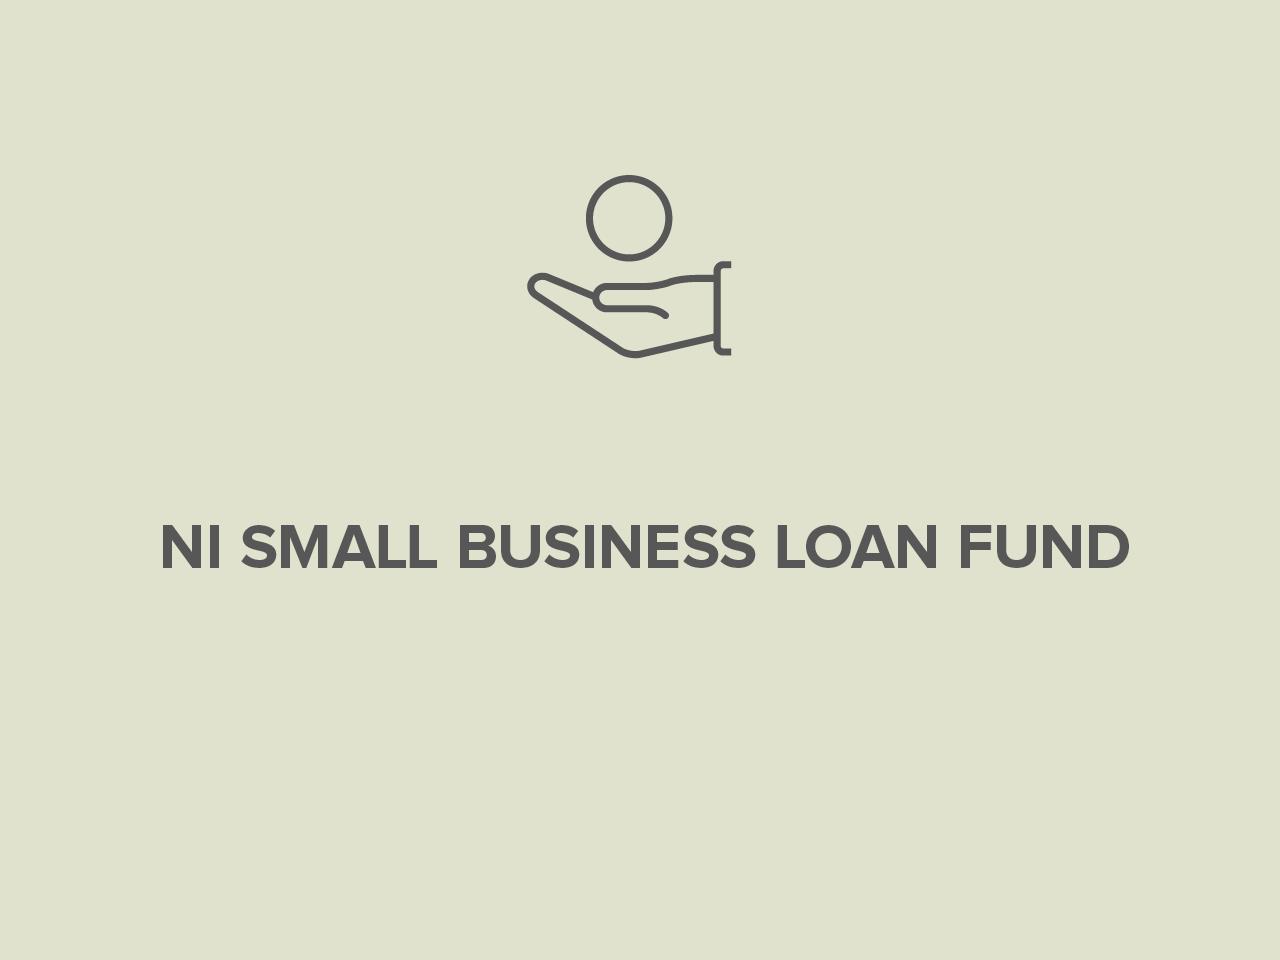 NI Small Business Loan Fund